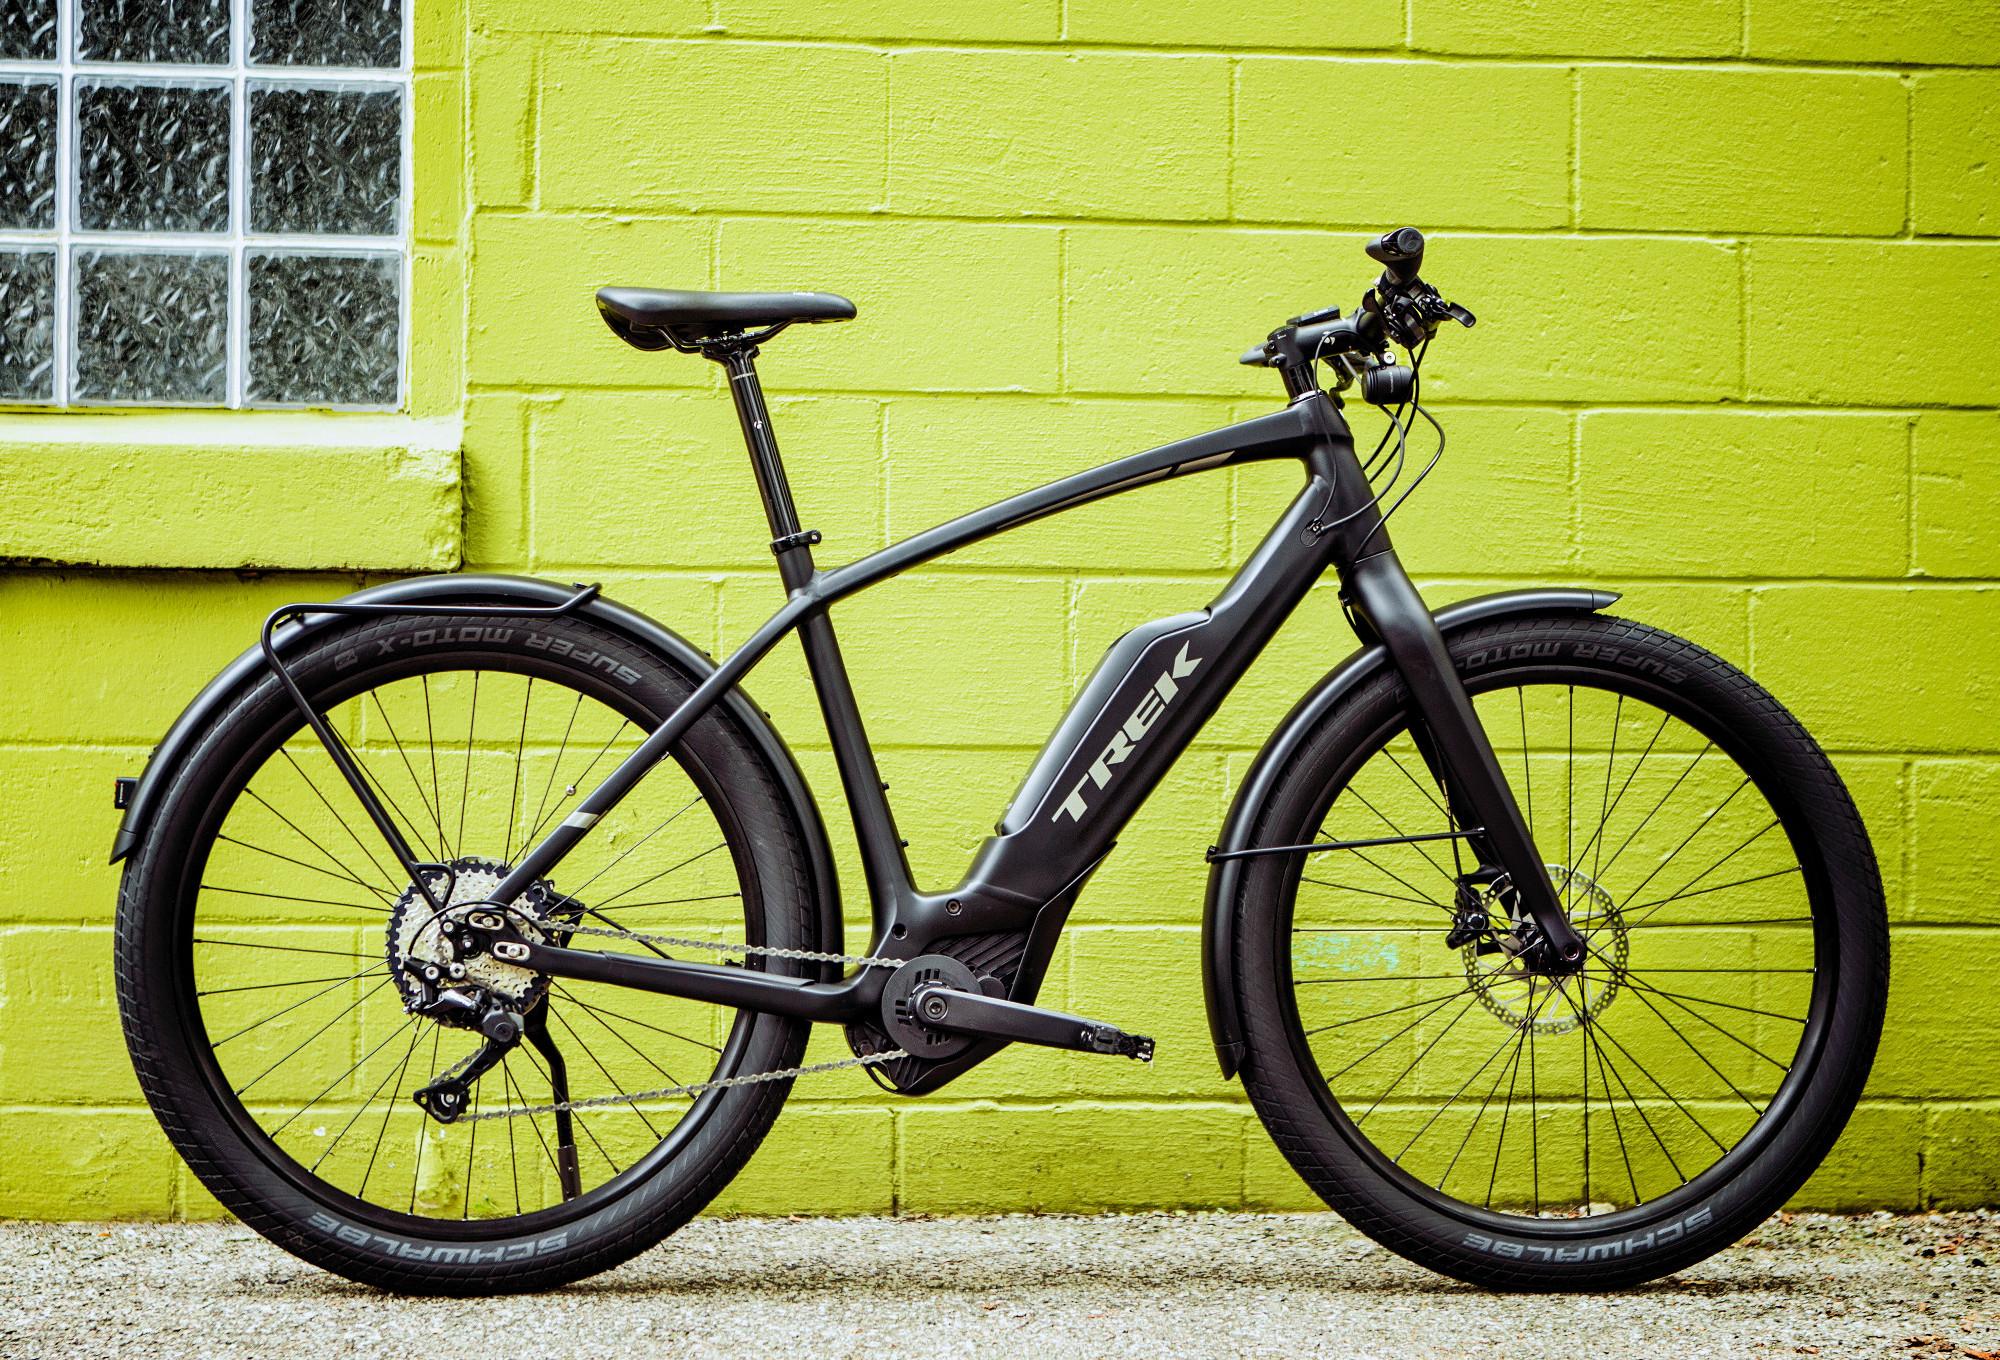 trek super commuter 7 hybrid urban bike shimano deore. Black Bedroom Furniture Sets. Home Design Ideas